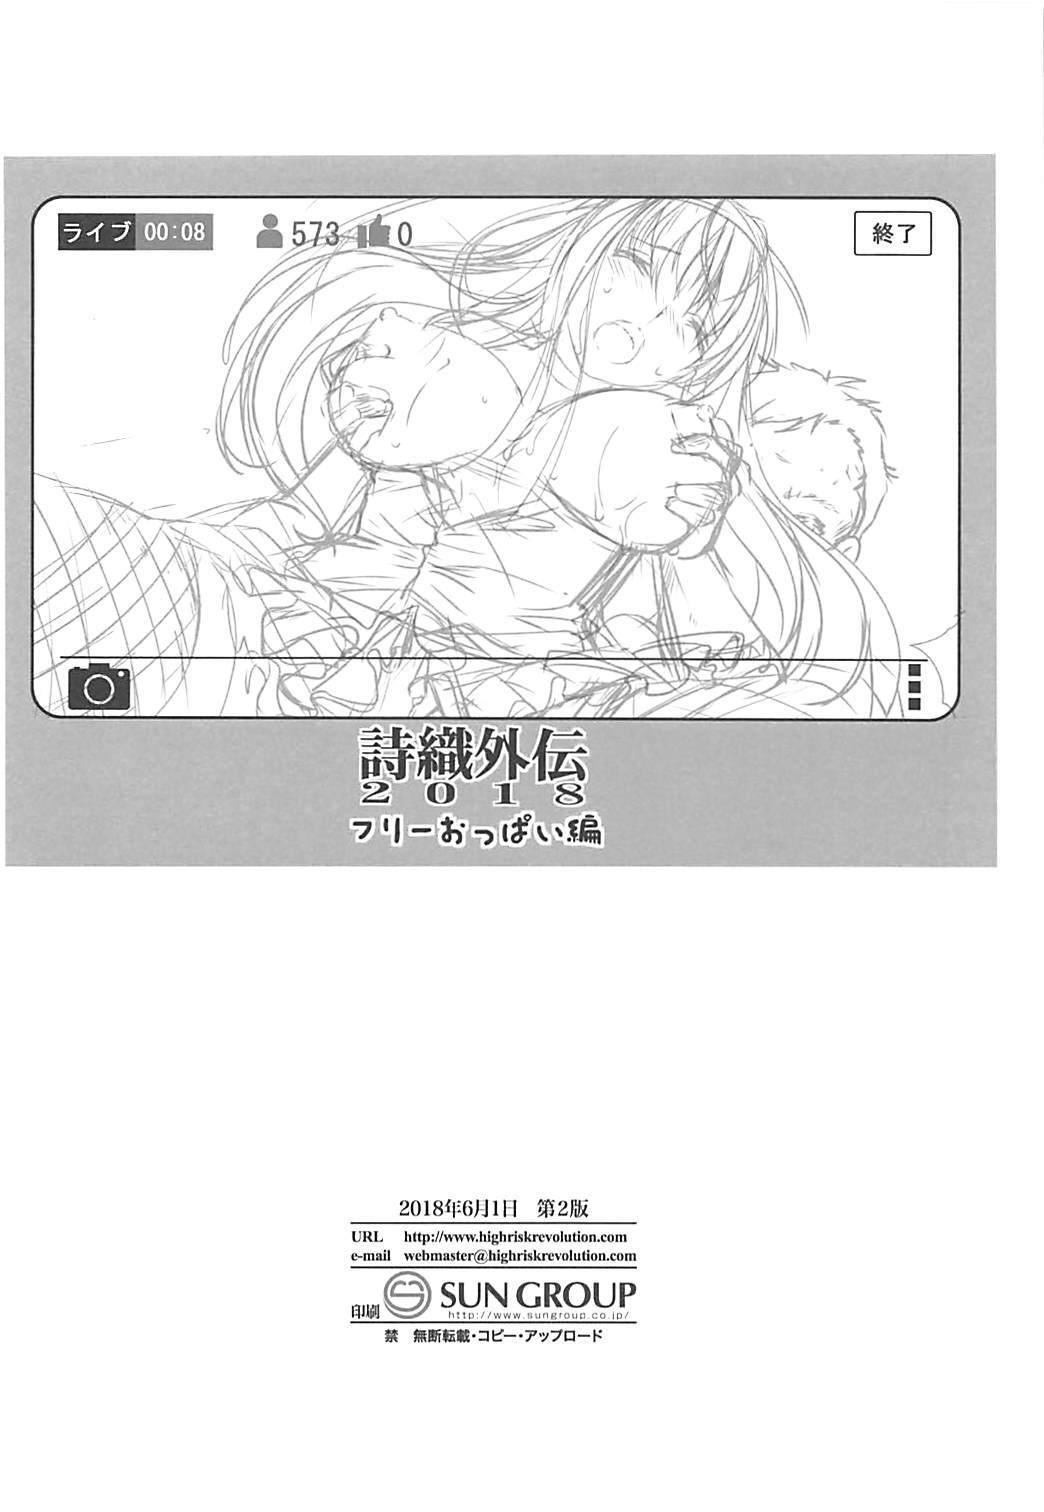 Shiori Gaiden Free Oppai Hen 21